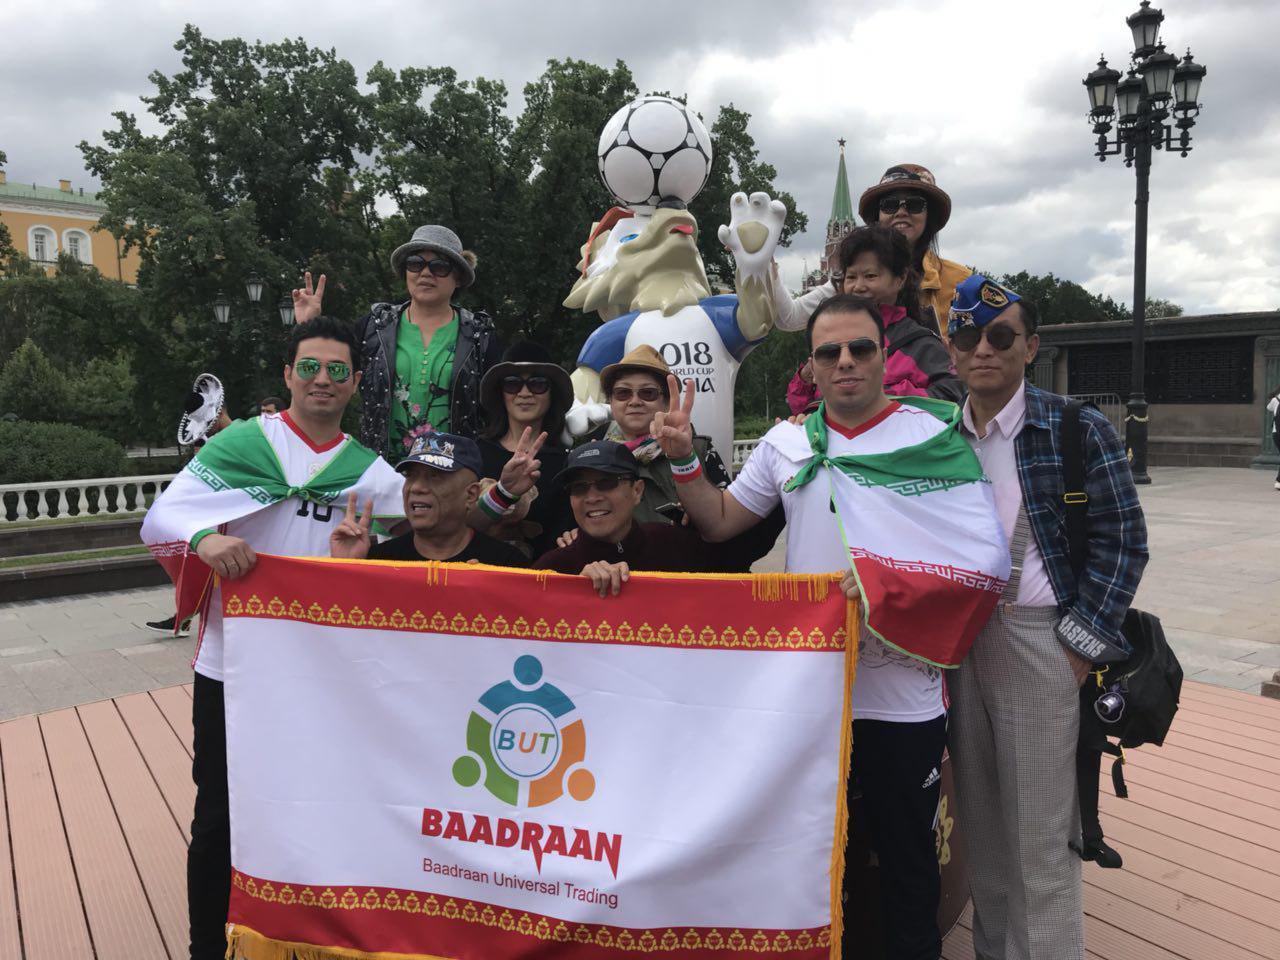 پرچم بادران در جام جهانی روسیه